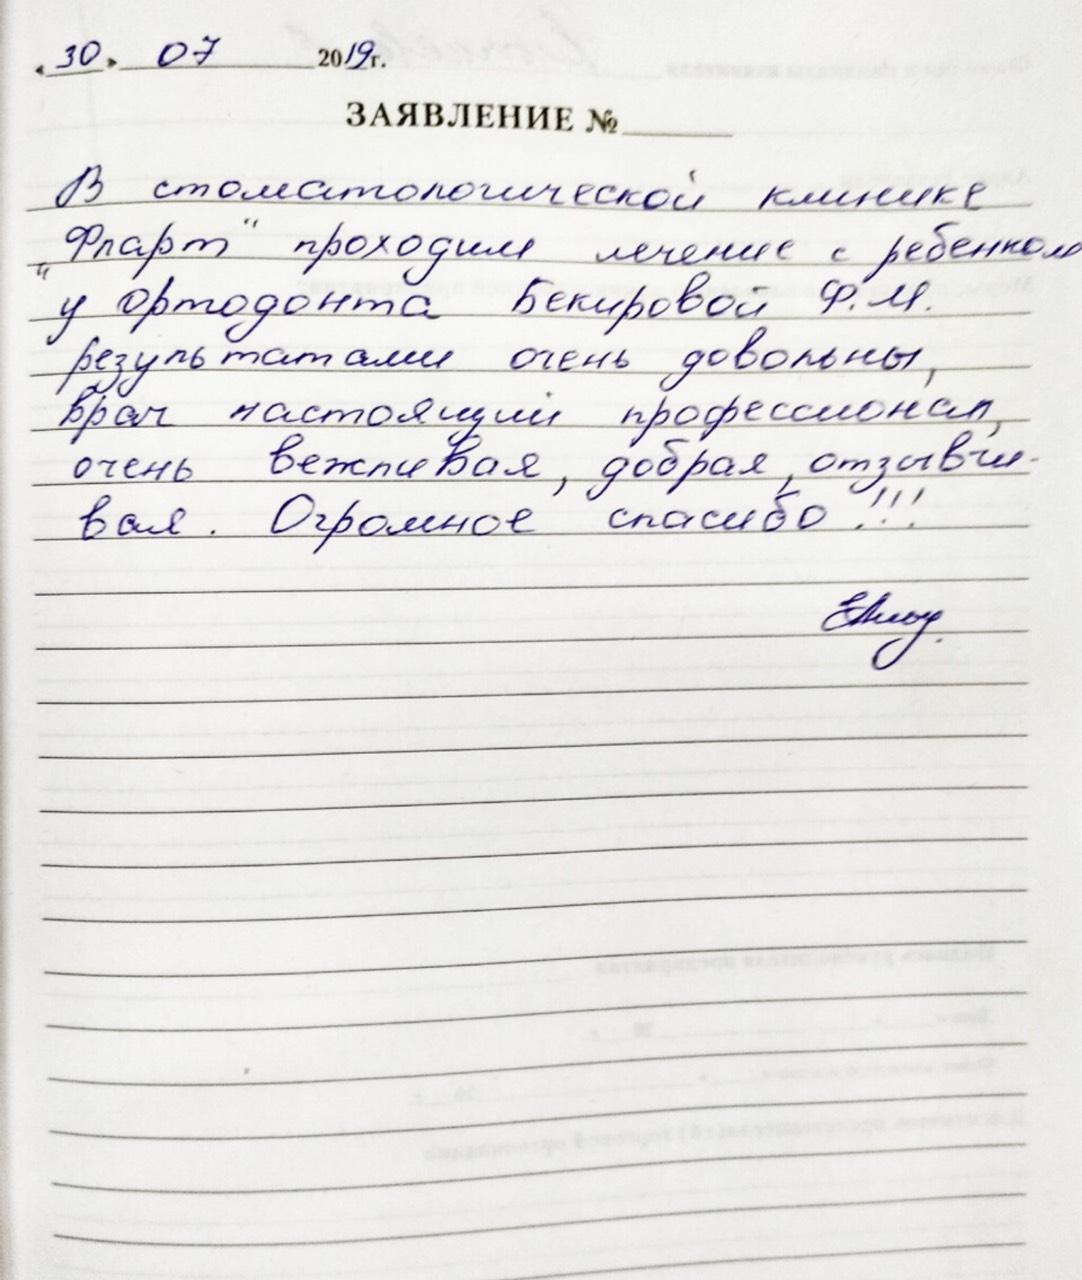 <em>Редактировать Отзыв</em> Екатерина Александровна. Стоматология Фларт